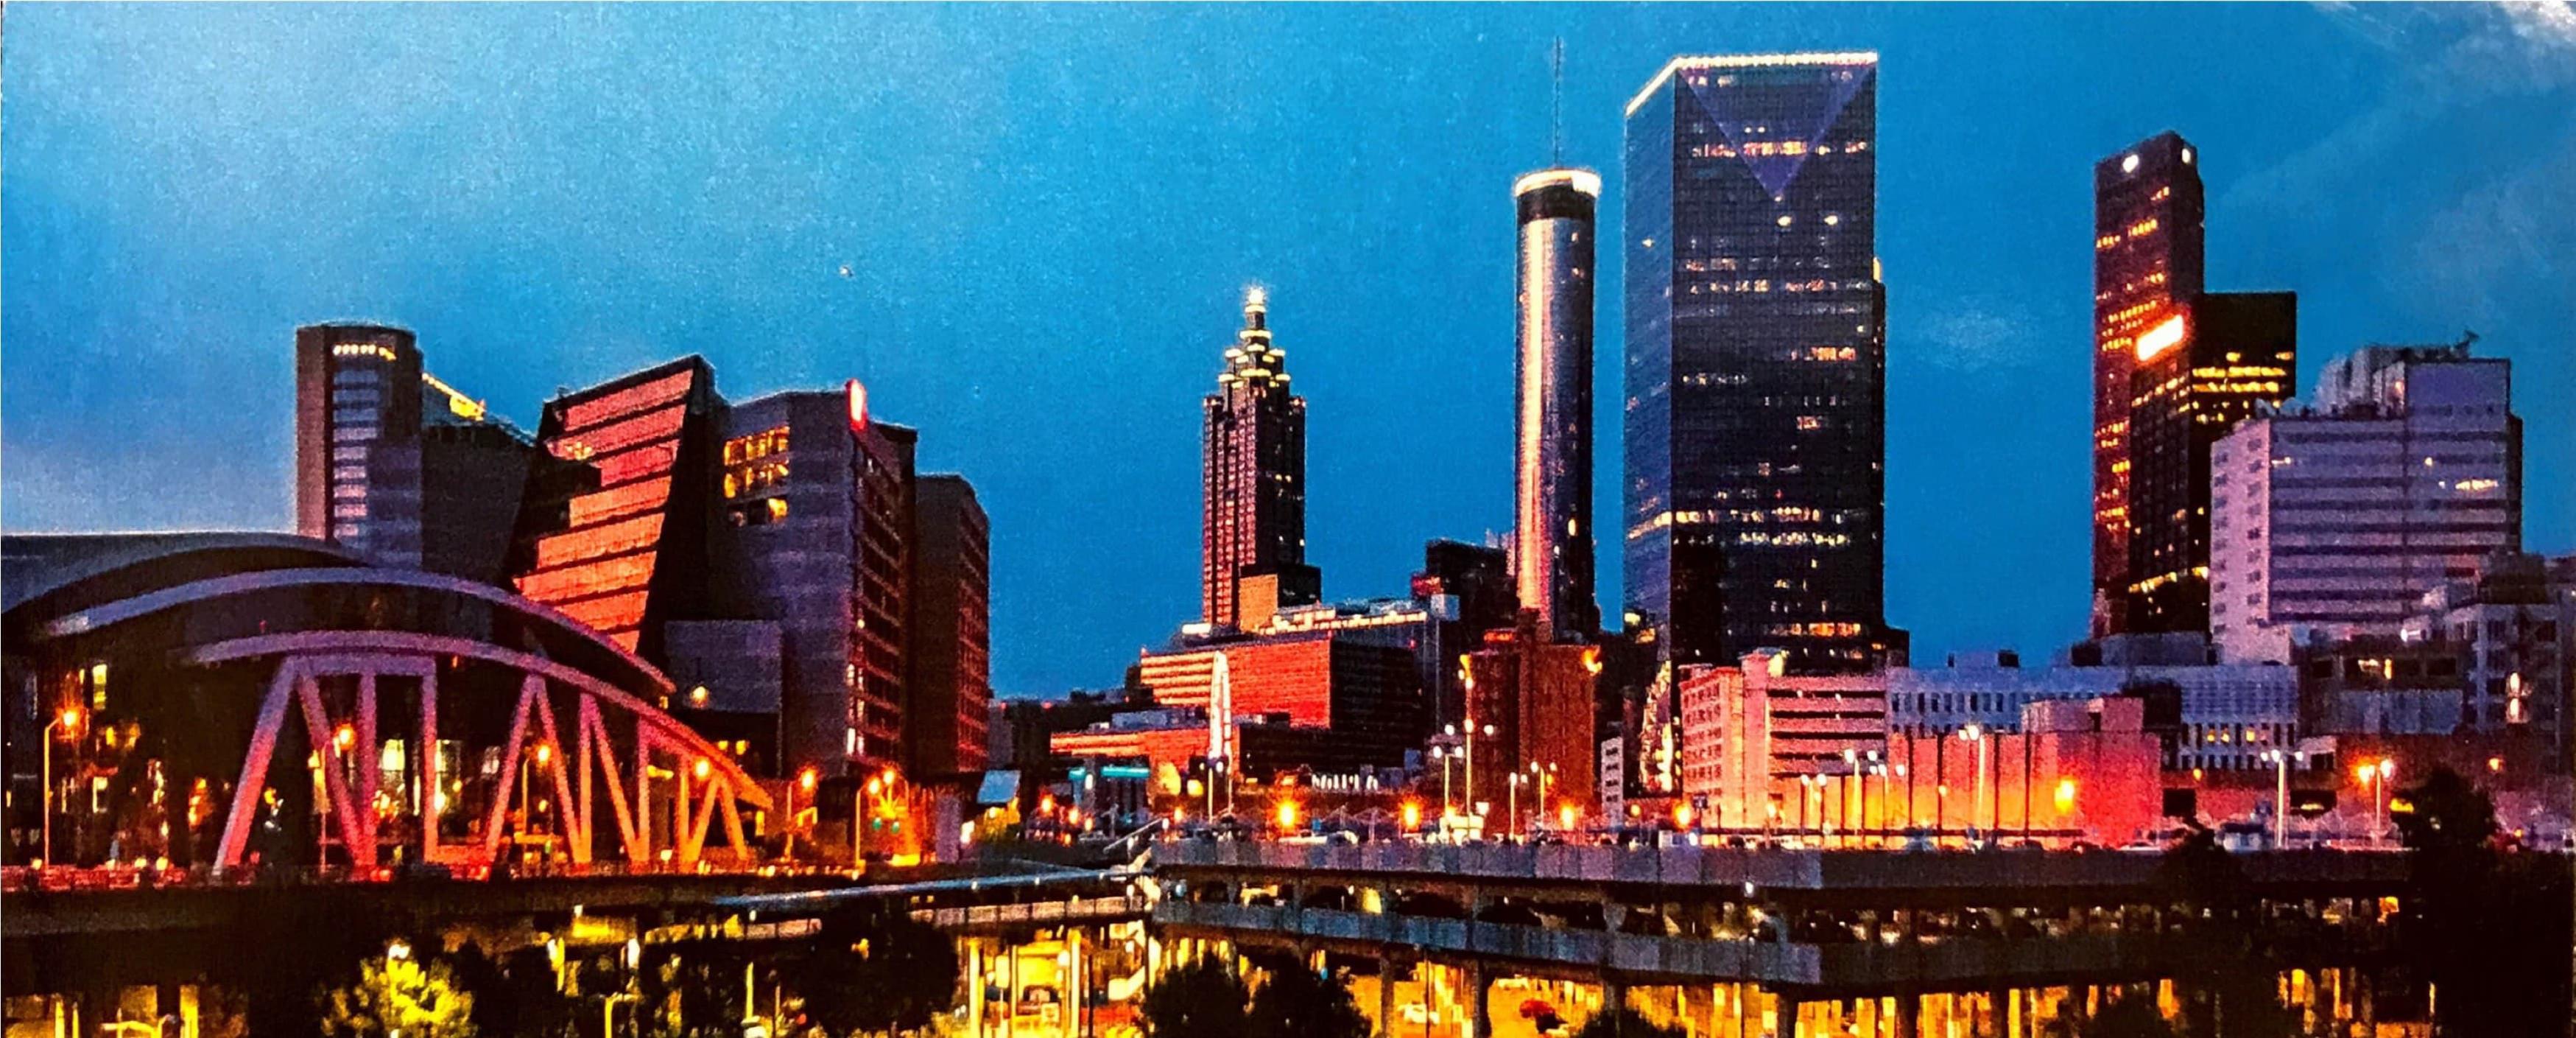 Cover of postcard from Ignacio Taboada (Georgia Tech, USA)